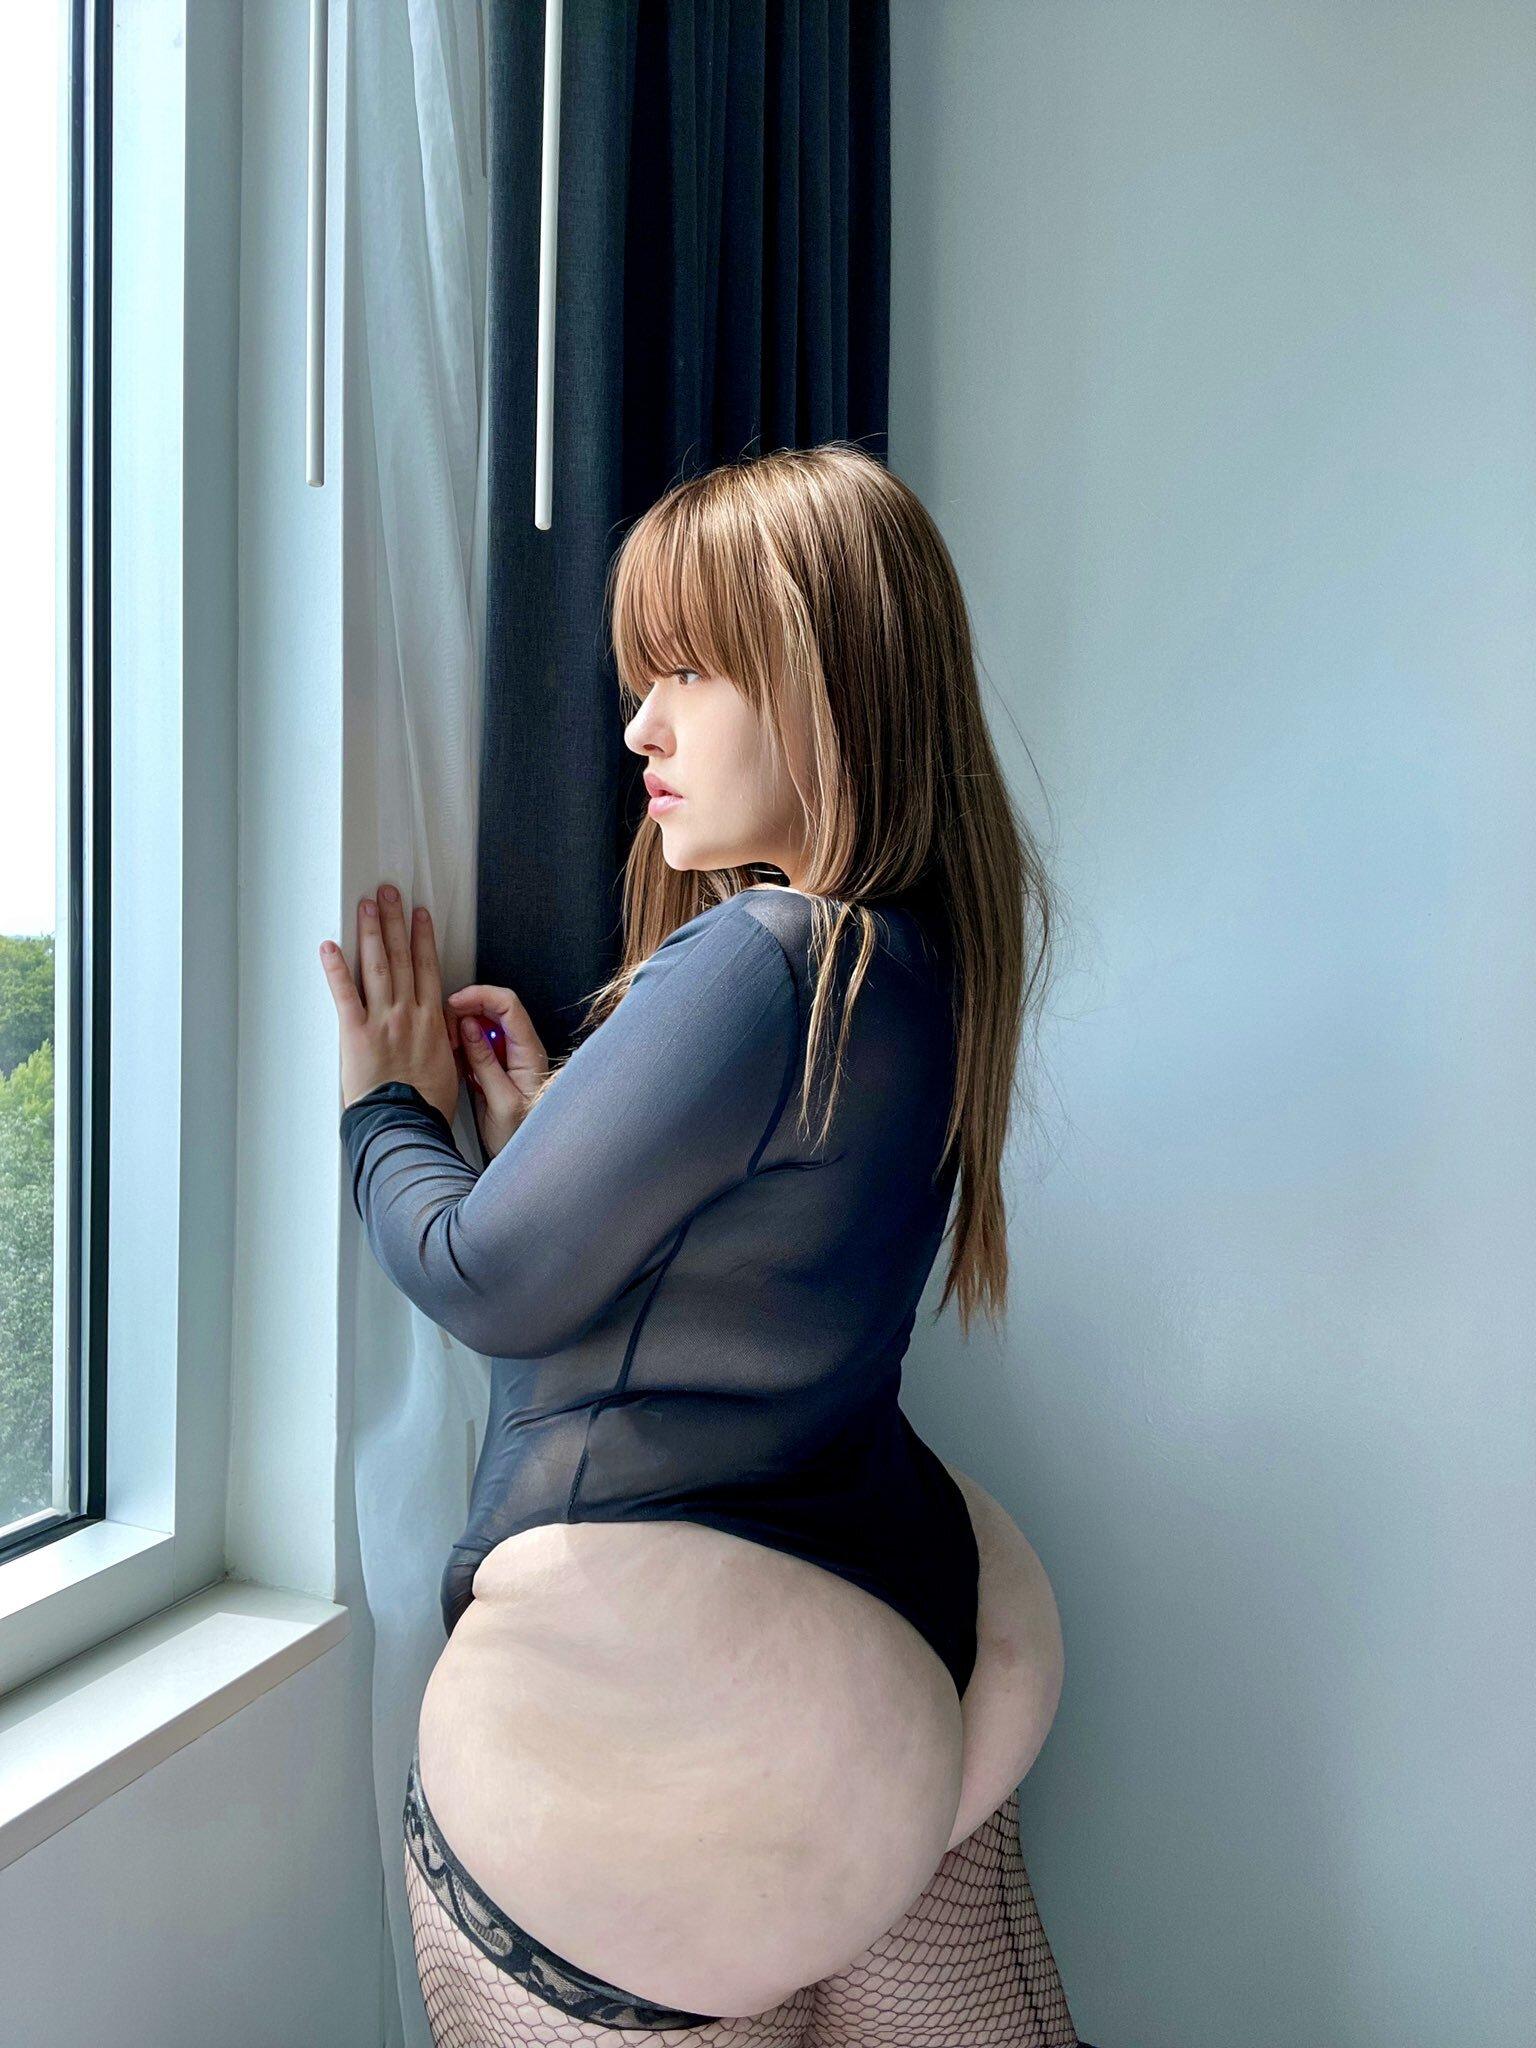 culos gordos, fotos de culos grandes, mujeres gorditas enseñando el culo